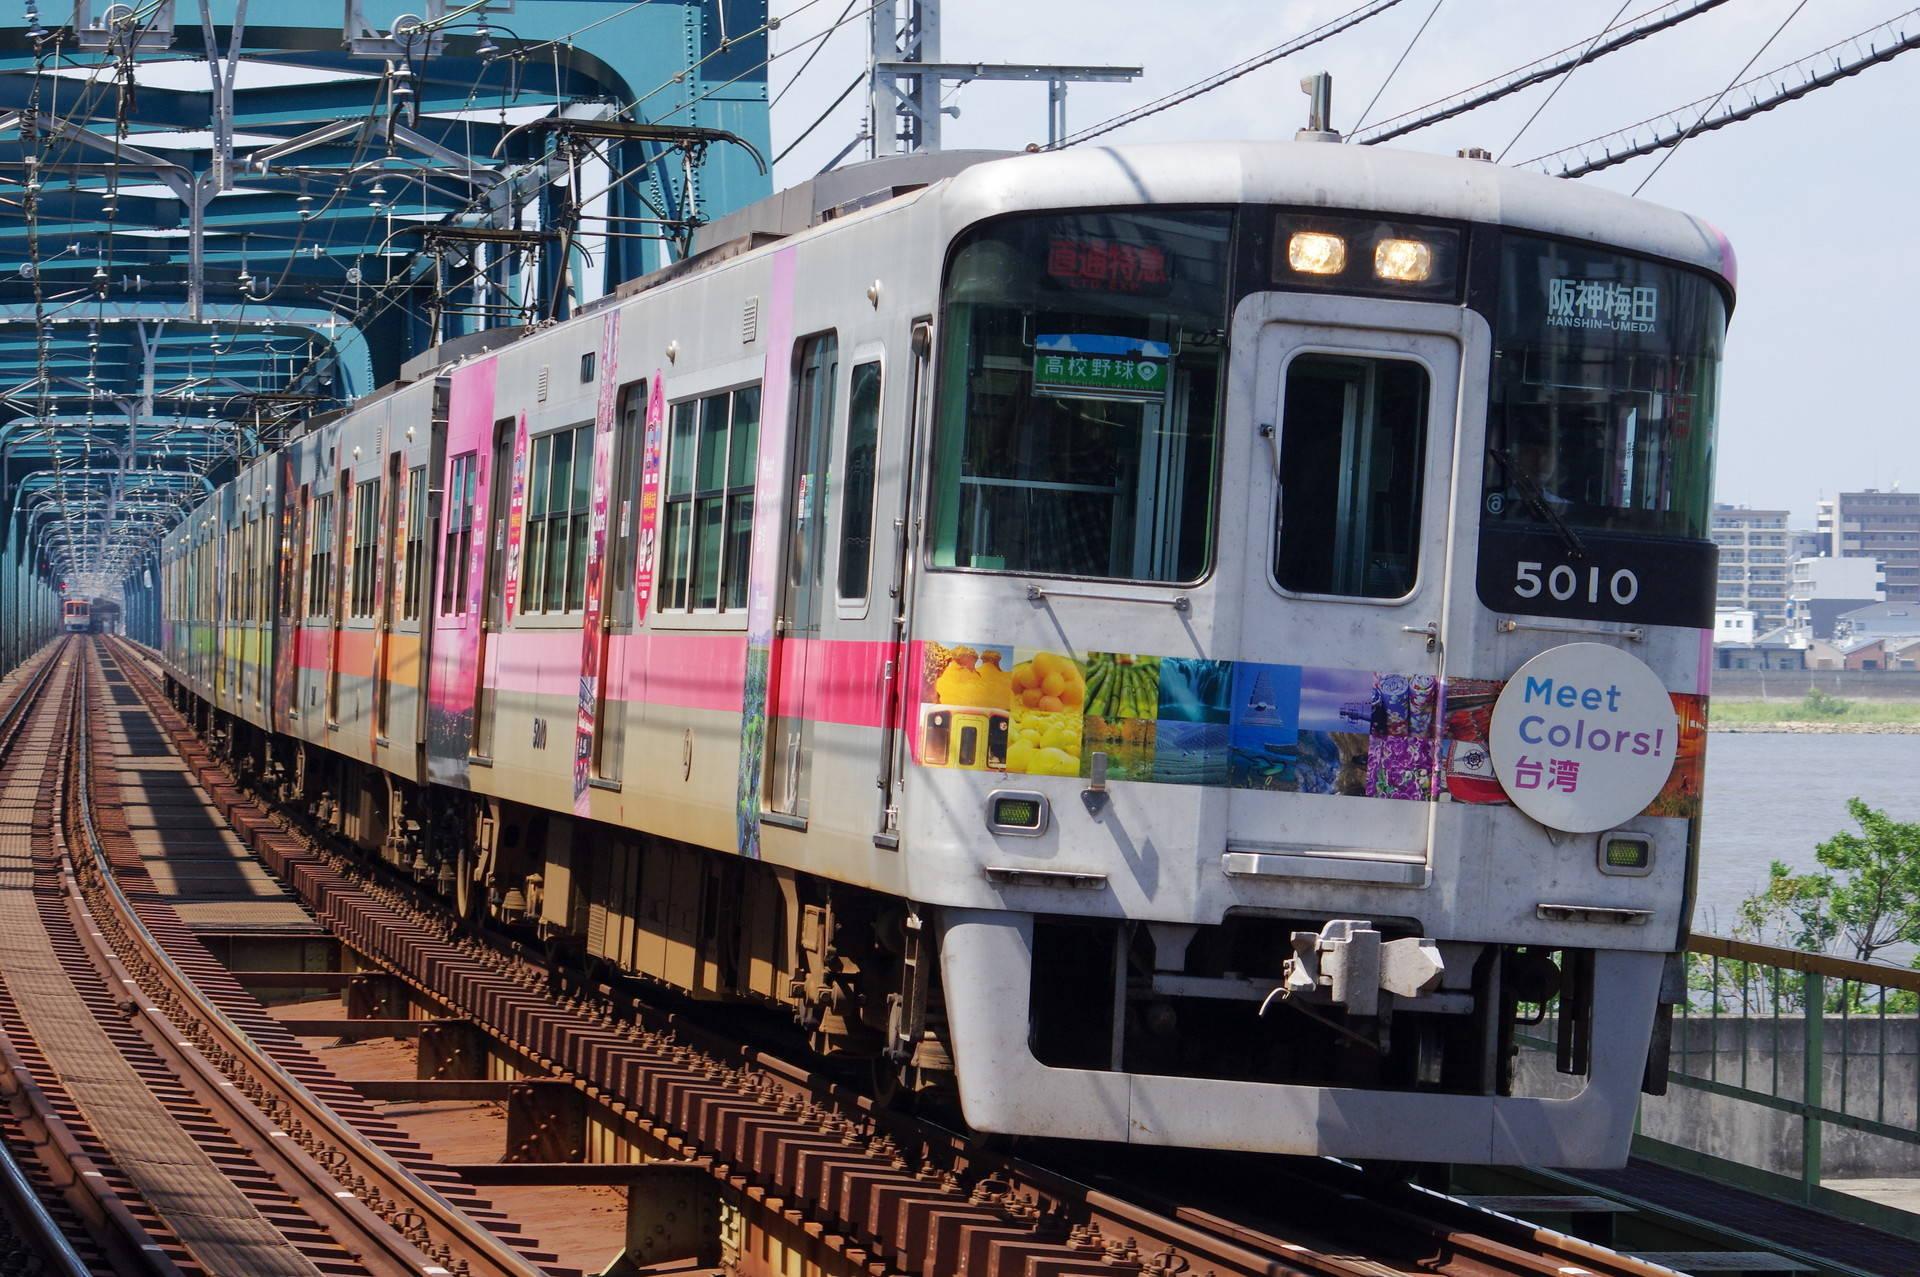 山陽 5000系5010編成 「Meet Colors! 台湾」号 (高校野球副標)